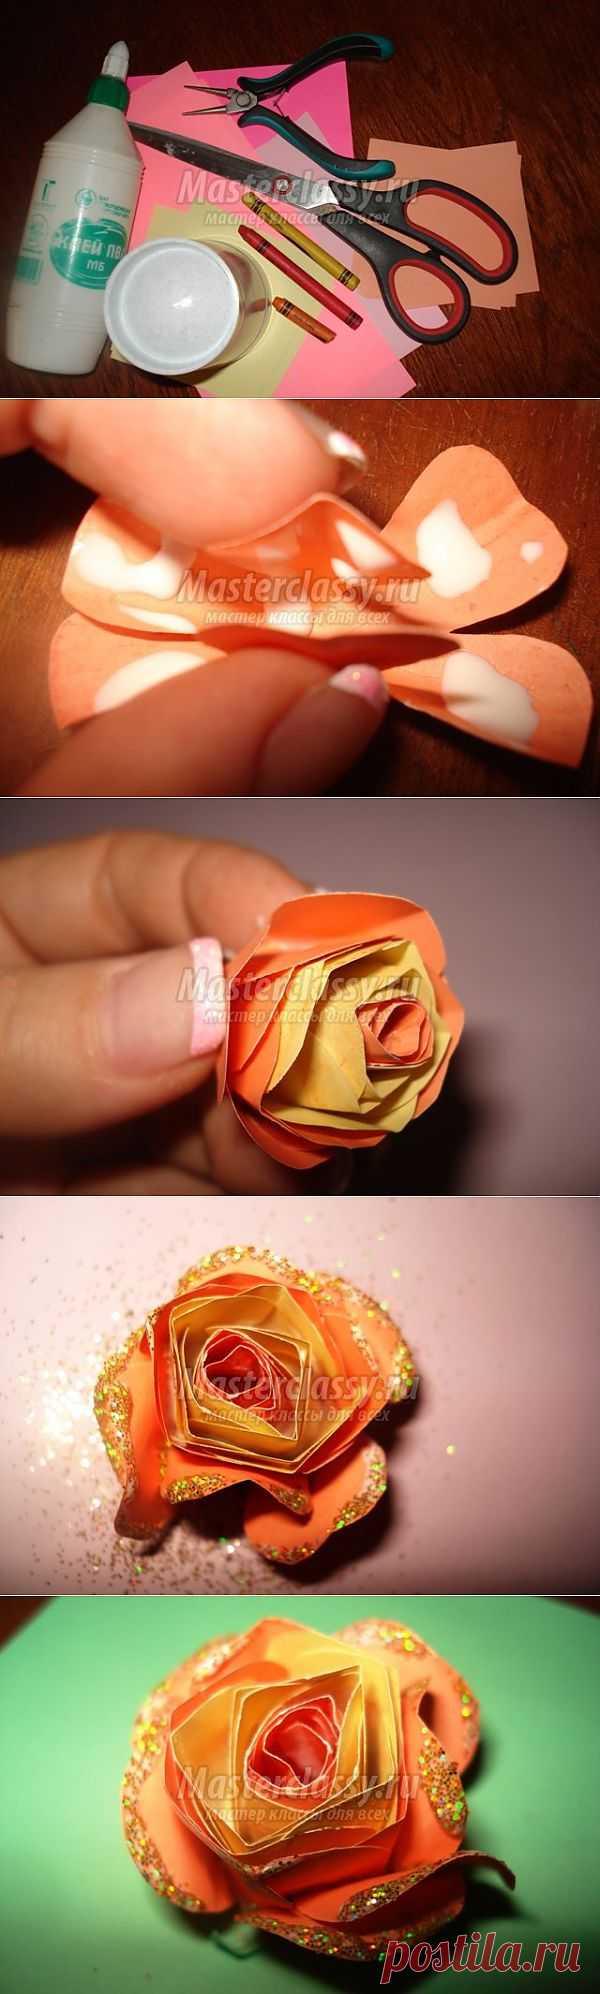 Скрапбукинг. Роза из бумаги. Мастер класс с пошаговыми фото